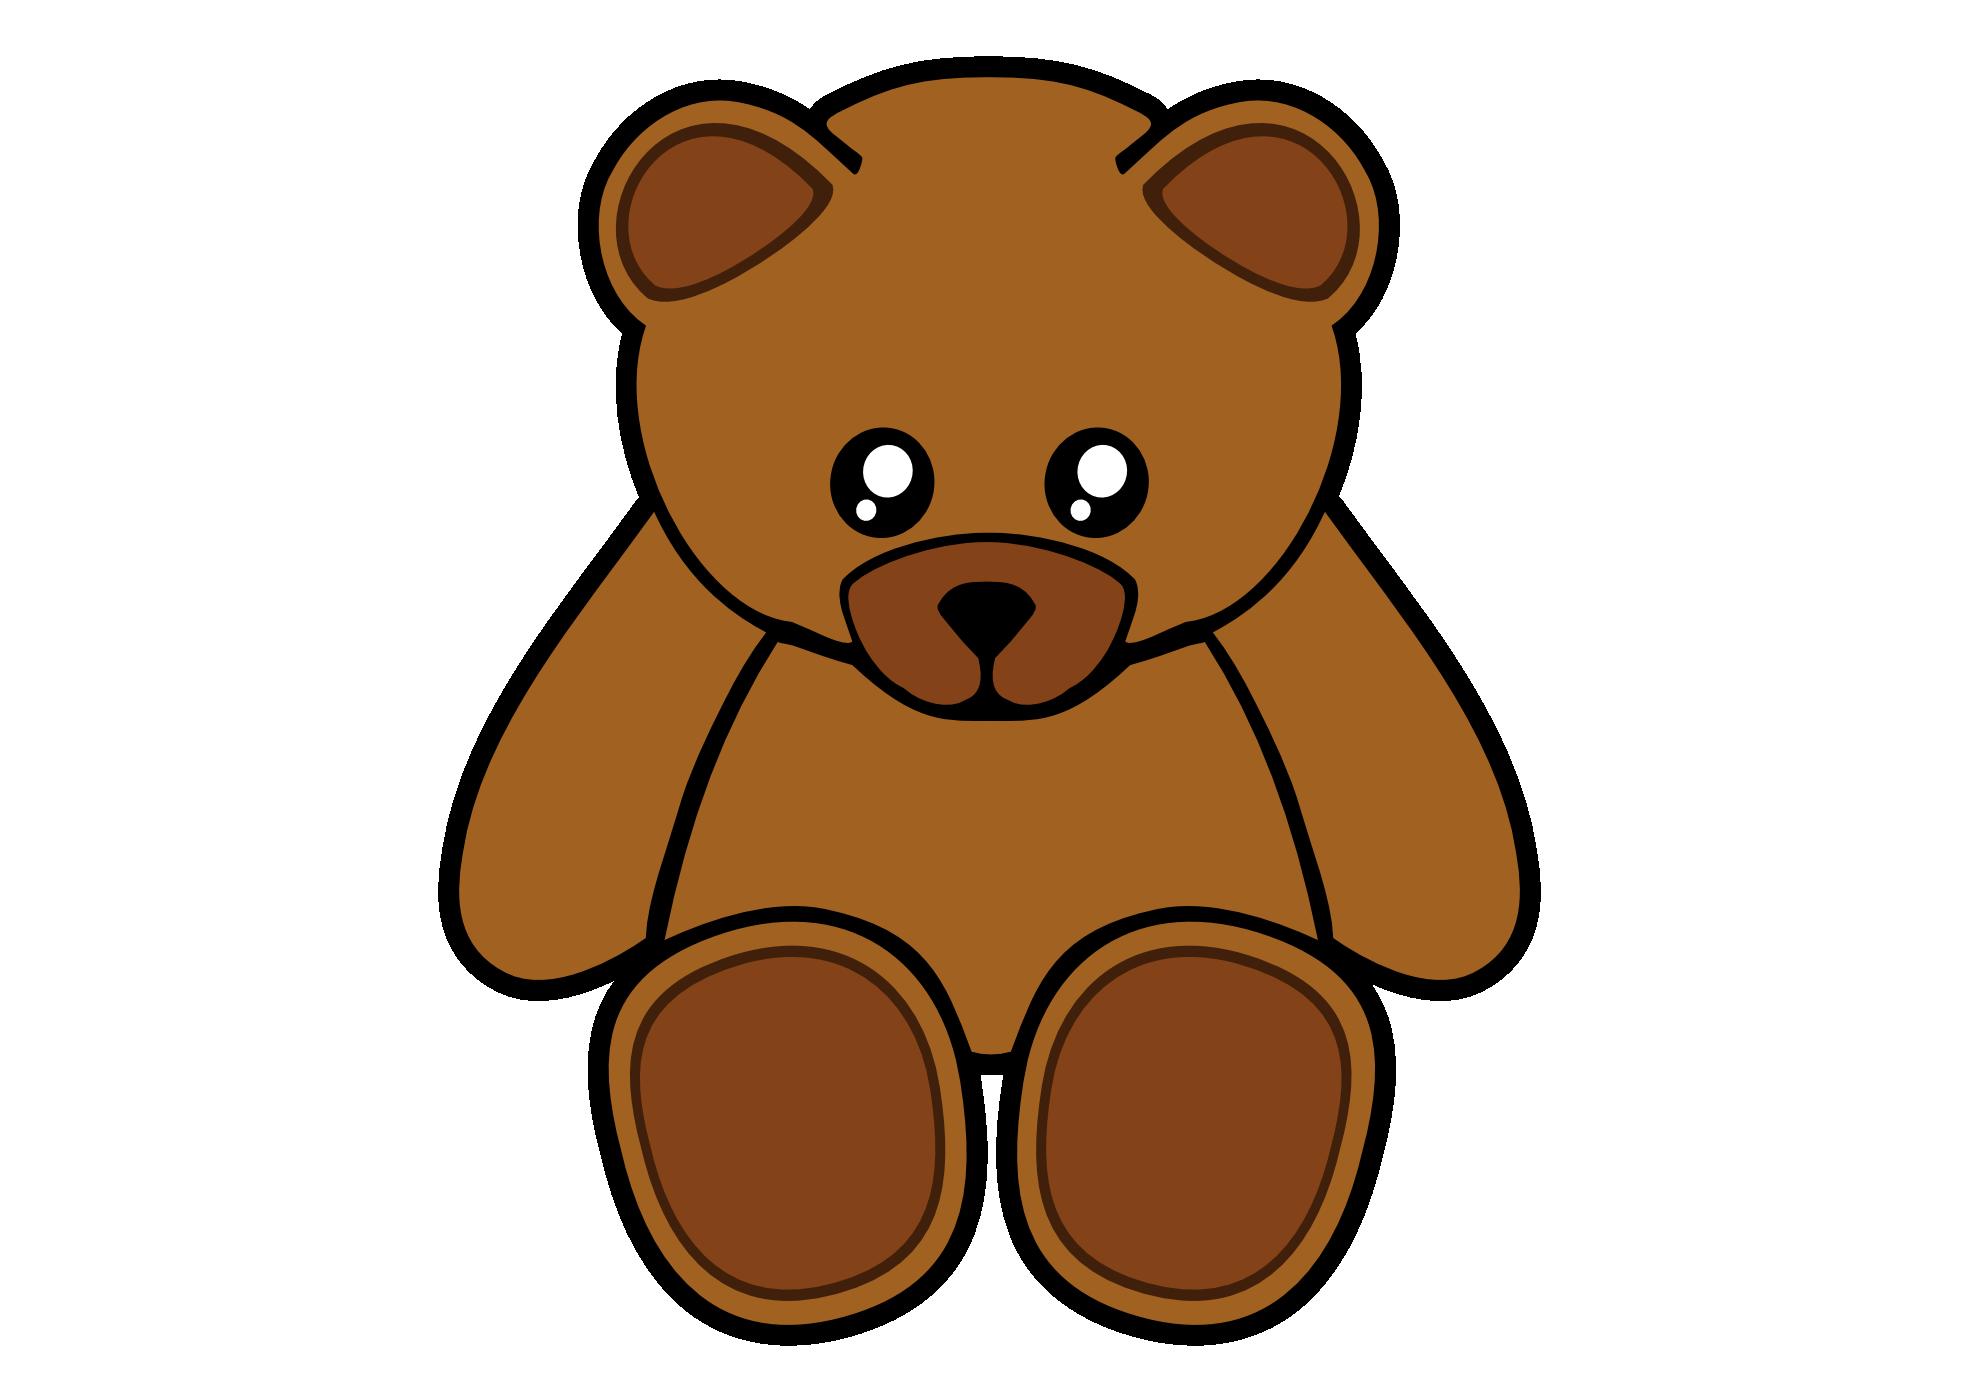 Clipart bear easy. Teddy clip art on